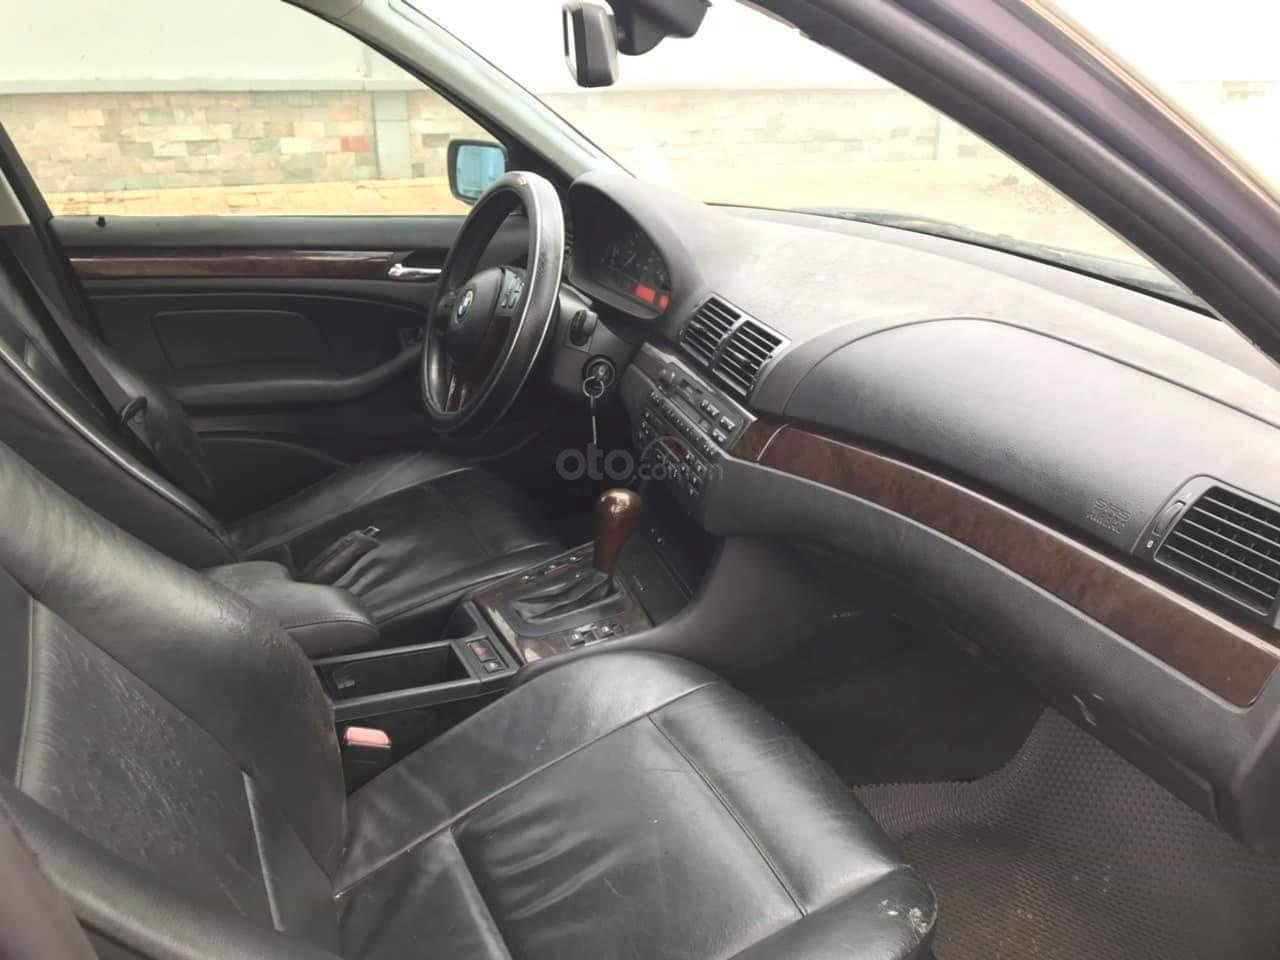 Bán ô tô BMW 3 Series 325i sản xuất 2003 (15)